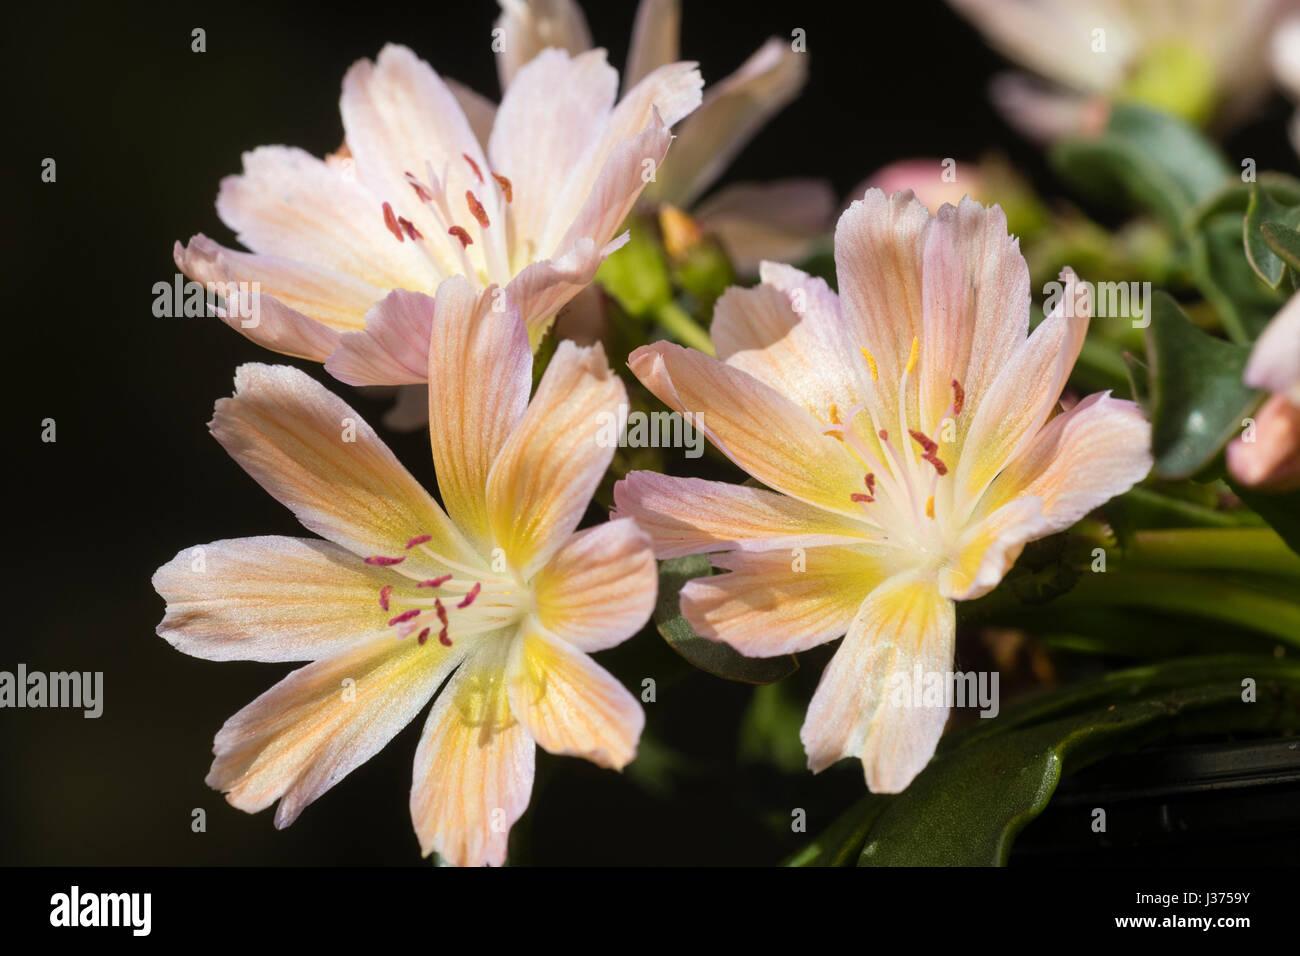 Peach coloured seedling of the Lewisia longipetala 'Little Tutti Frutti' seed strain - Stock Image